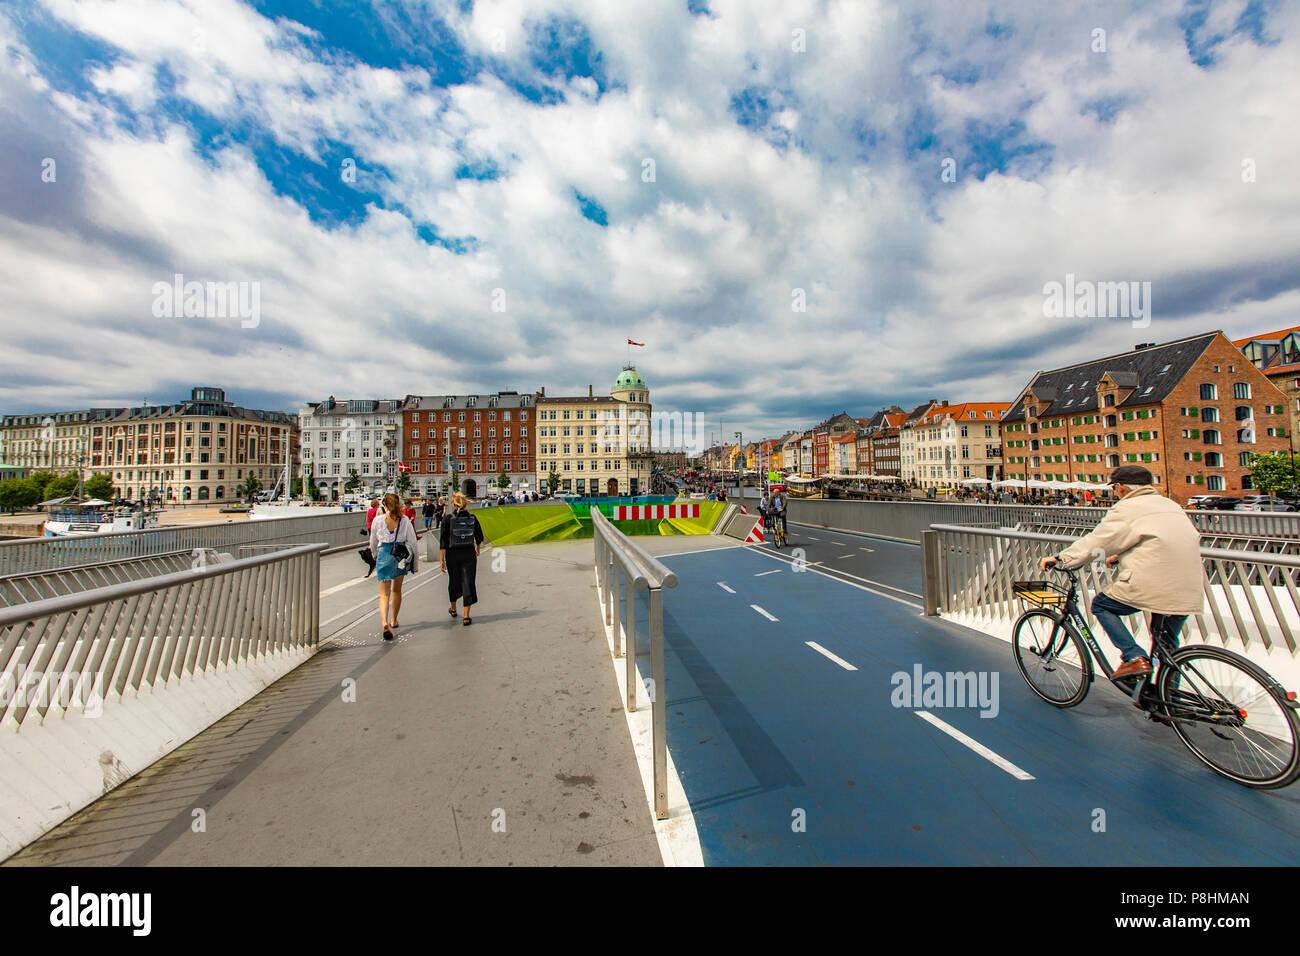 4b5404d1 COPENHAGEN, DENMARK - JUNE 14, 2018: Unidentified people on Inderhavnsbroen  bridge in Copenhagen, Denmark. It is combined pedestrian and bicyclist bri